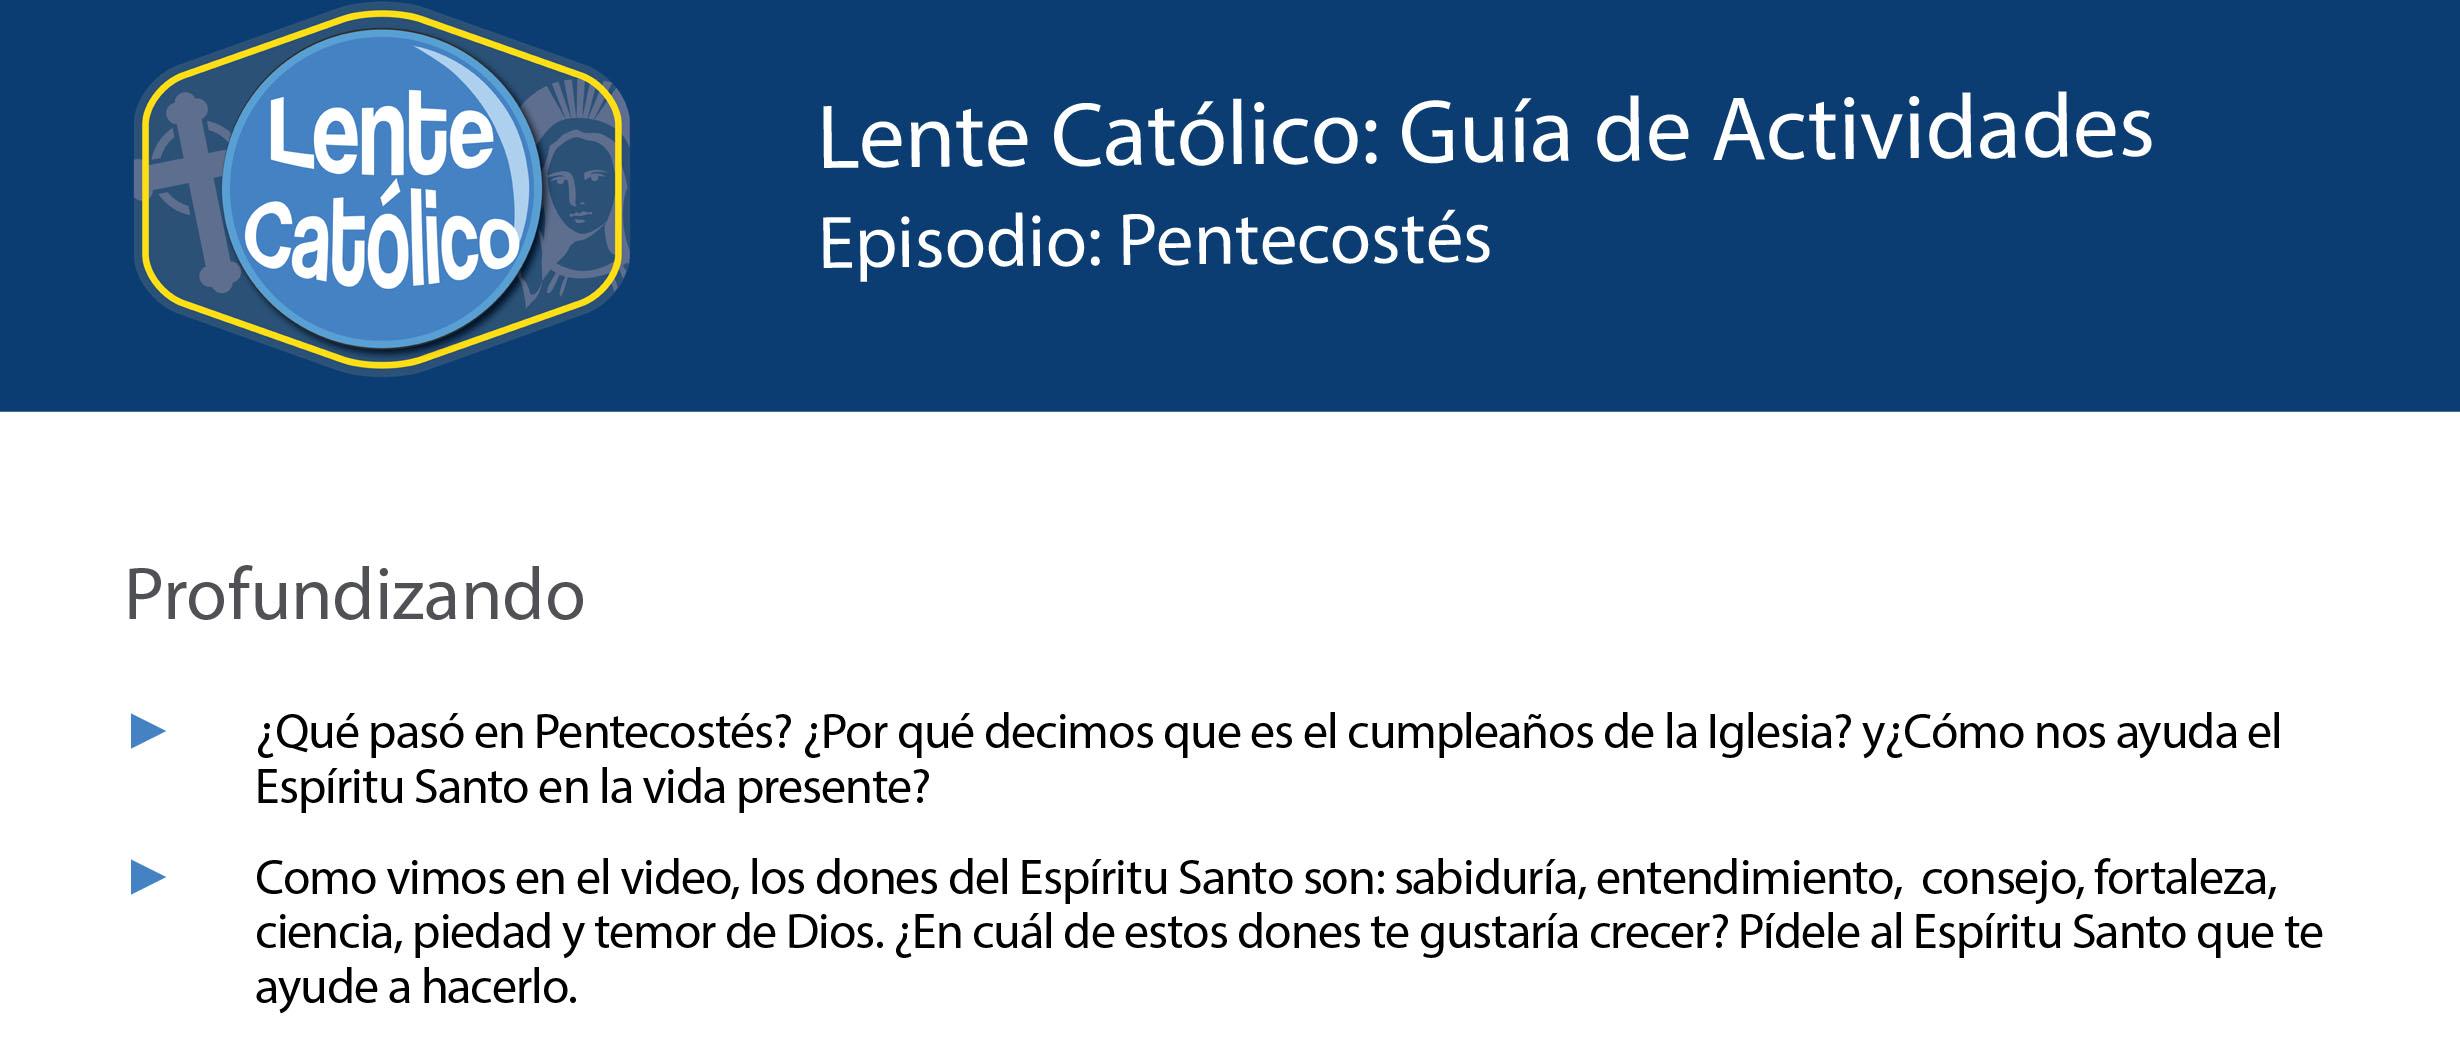 Pentecostés  photo guide